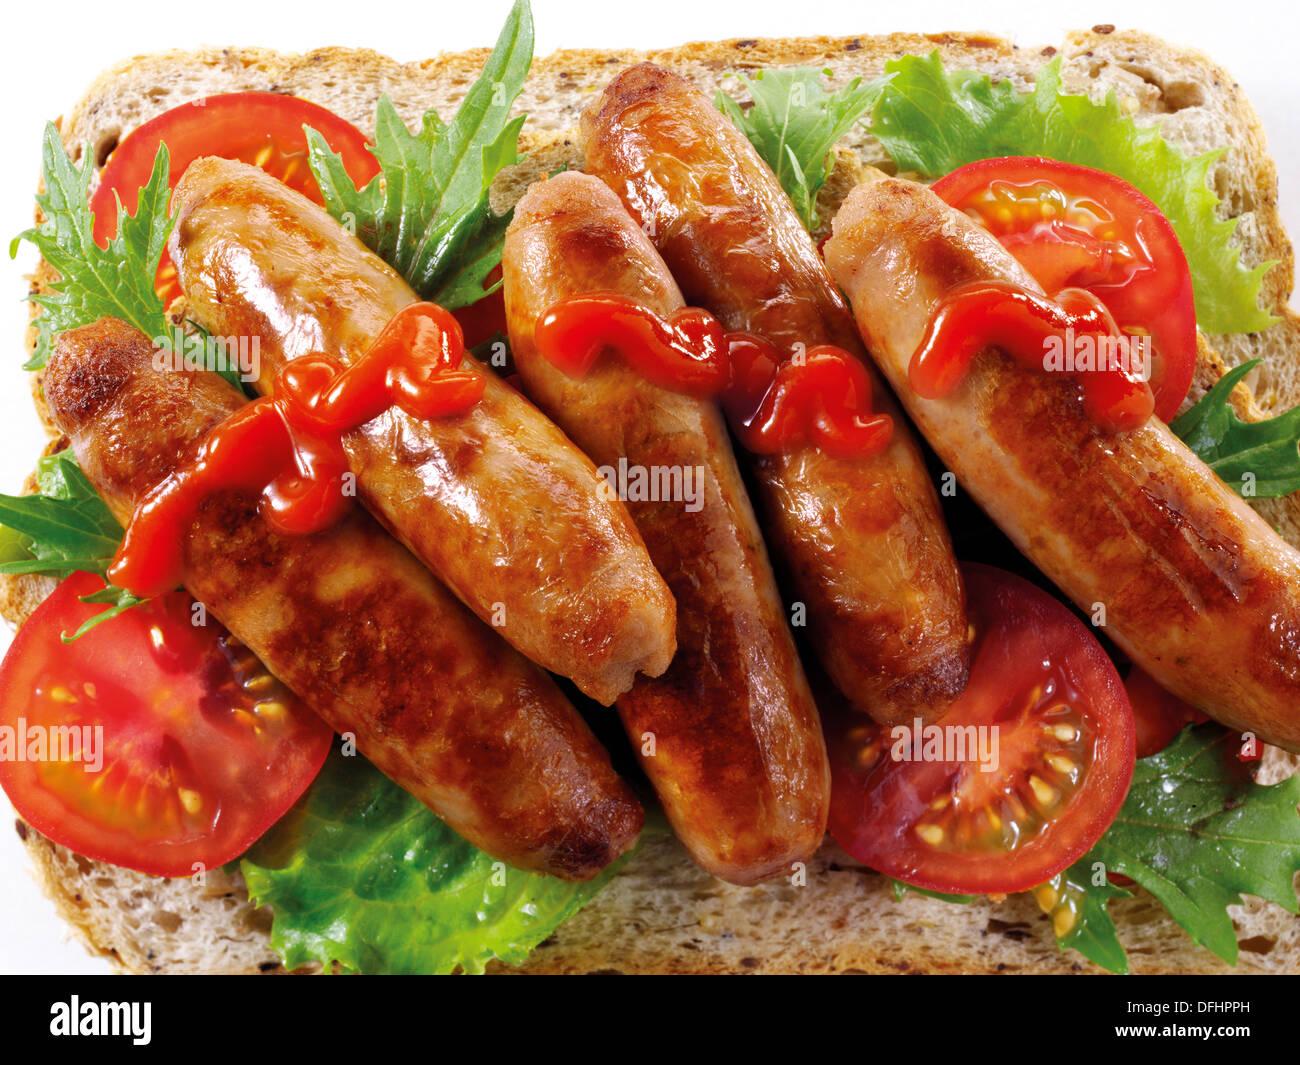 Cibo britannico - sandwich di salsiccia Immagini Stock